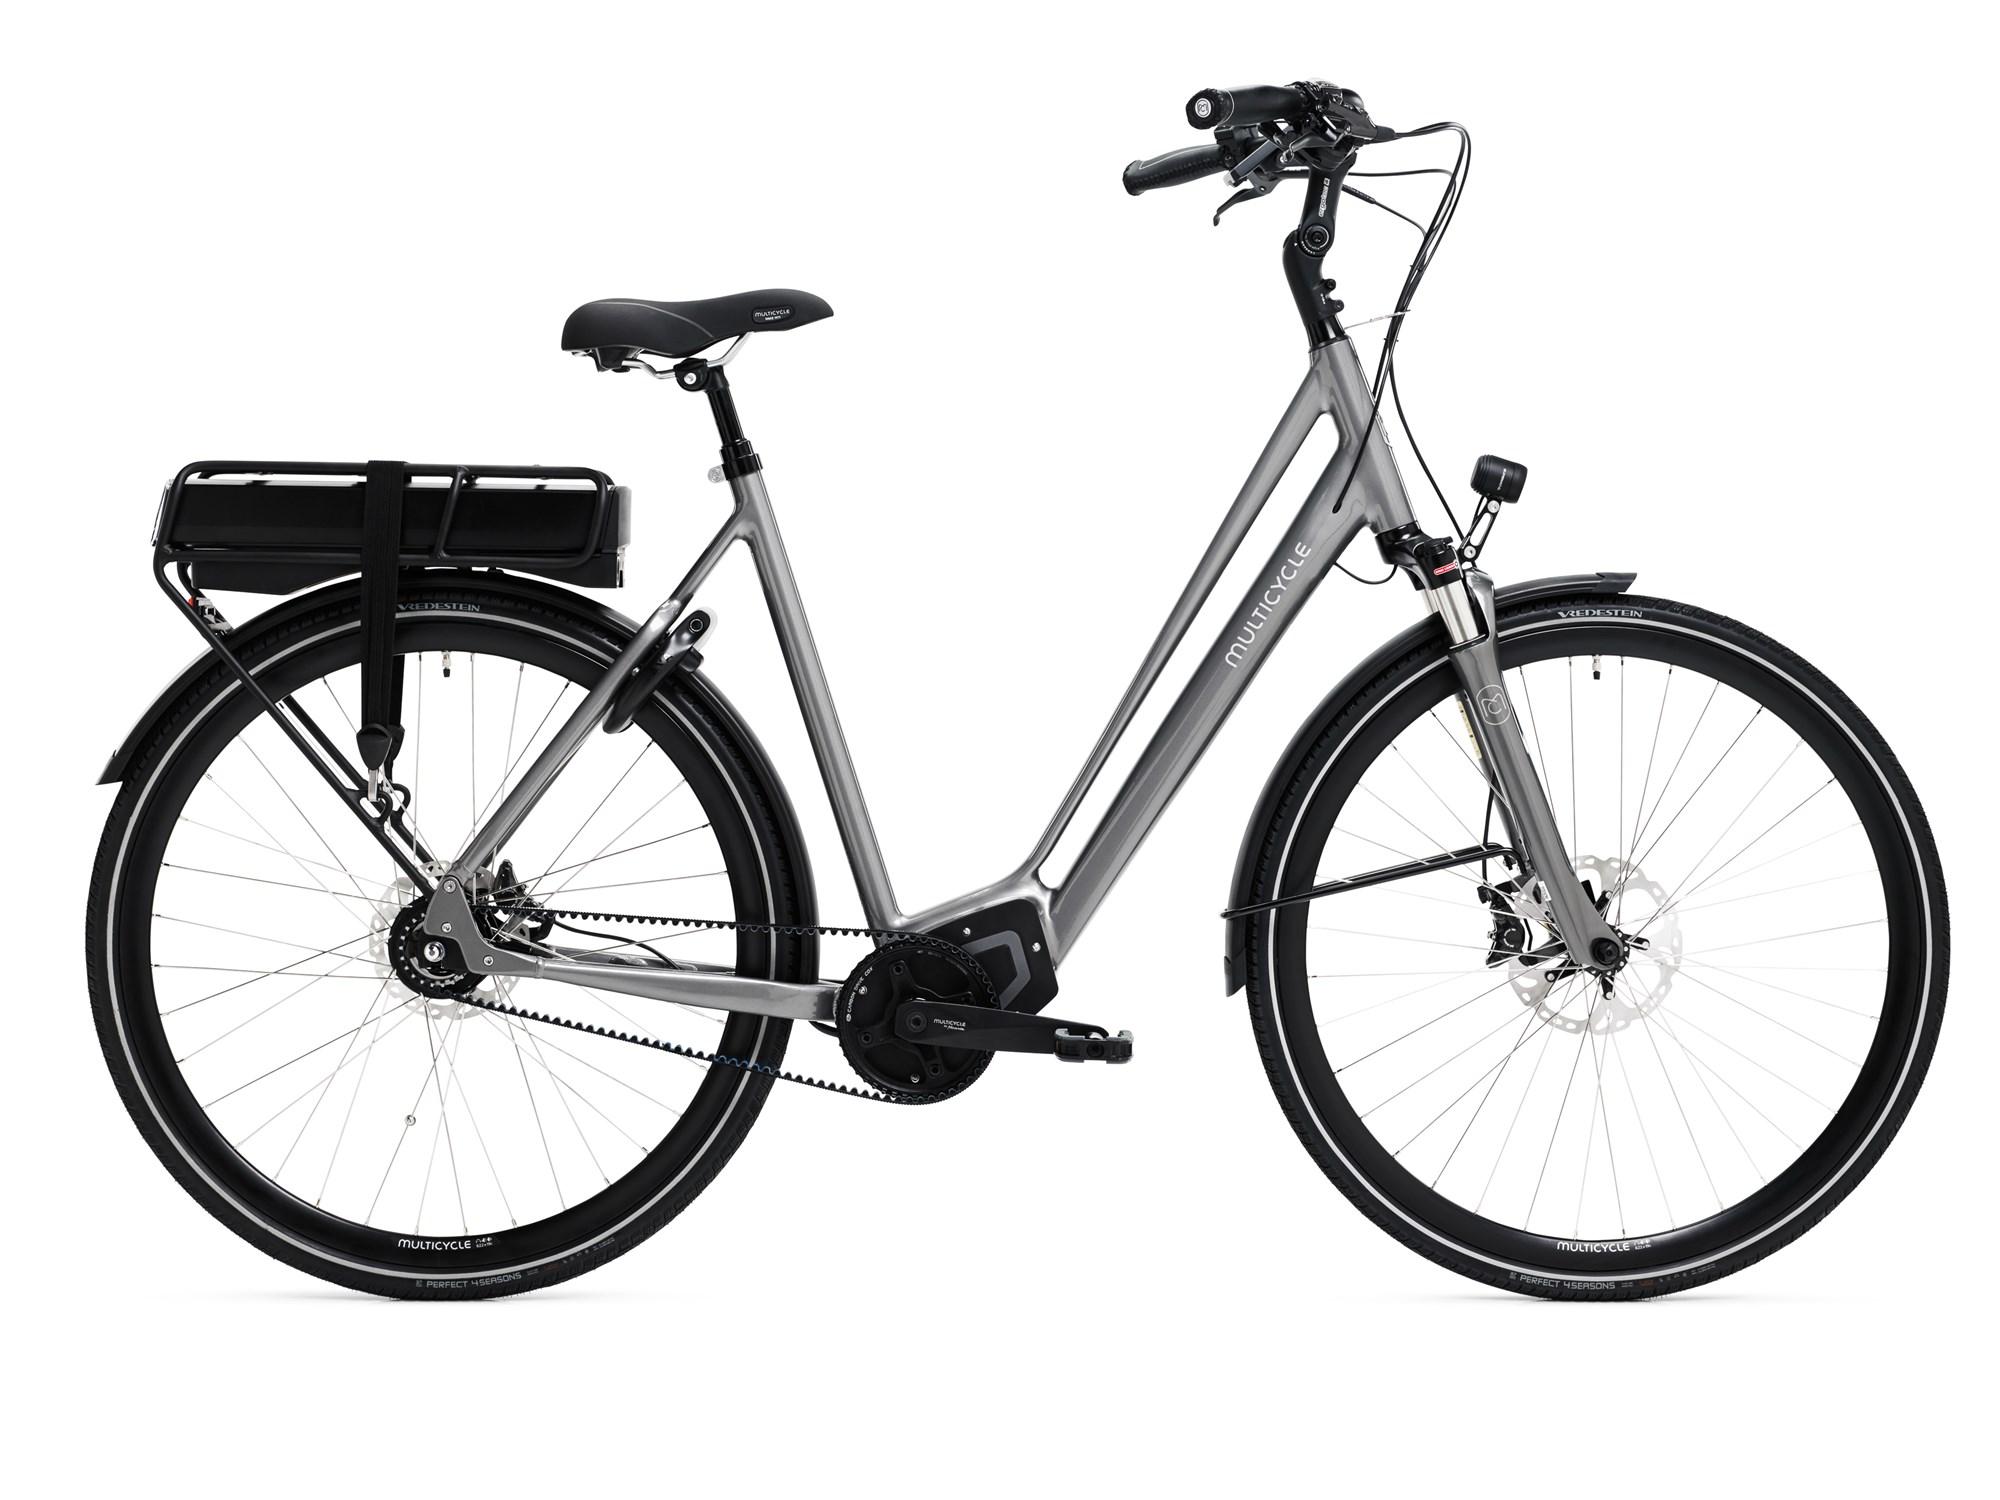 Elektrische fiets van Multicycle | Guill van de Ven | Tilburg